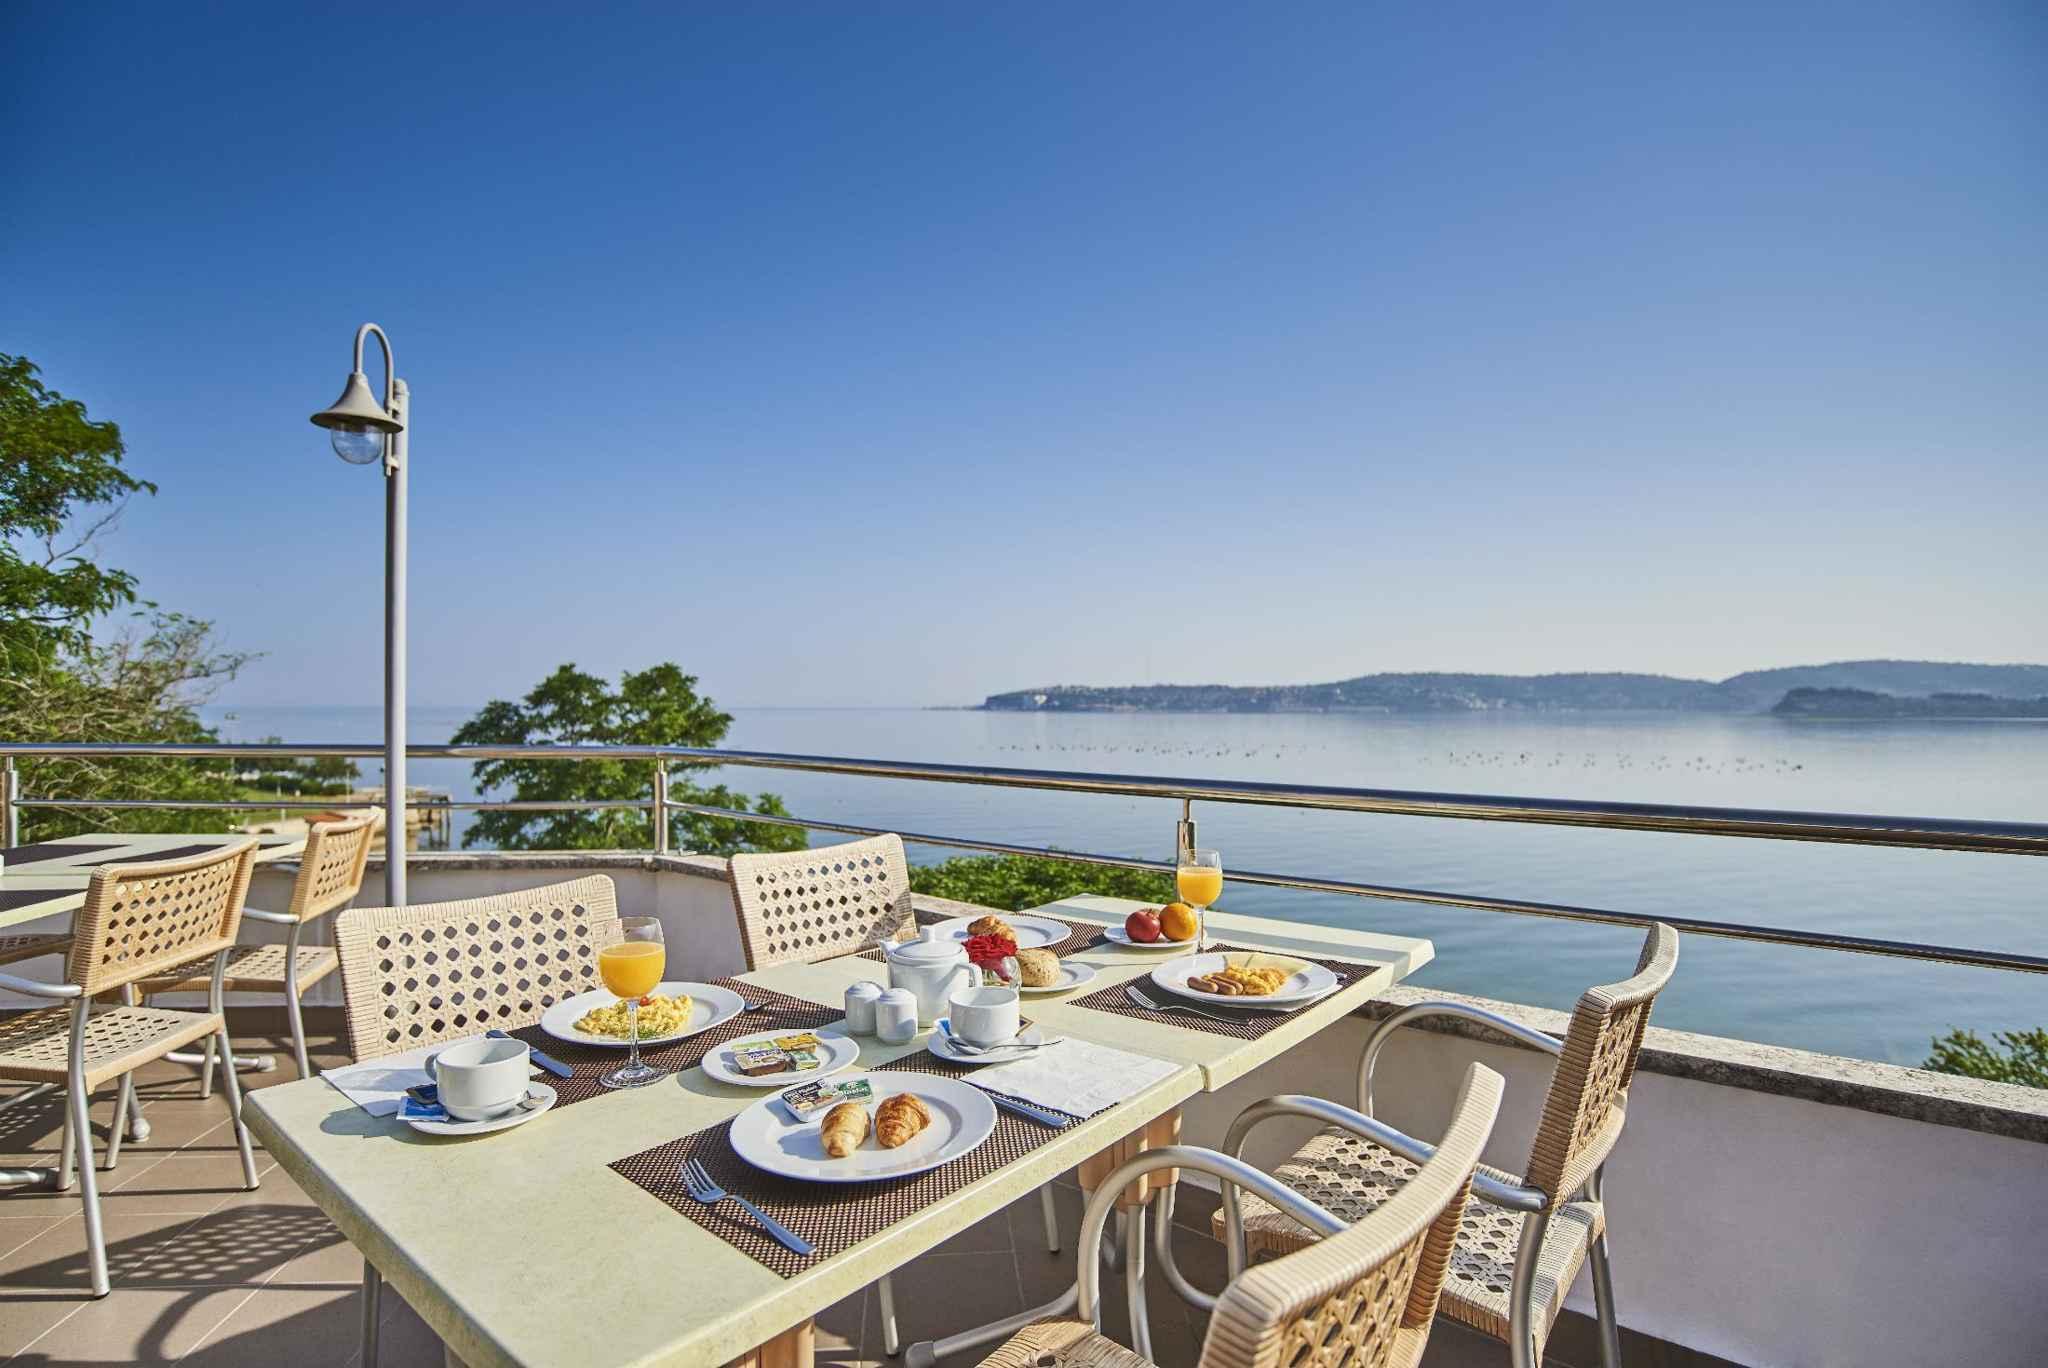 Ferienhaus Bungalow in der Ferienanlage Kanegra (281162), Umag, , Istrien, Kroatien, Bild 13